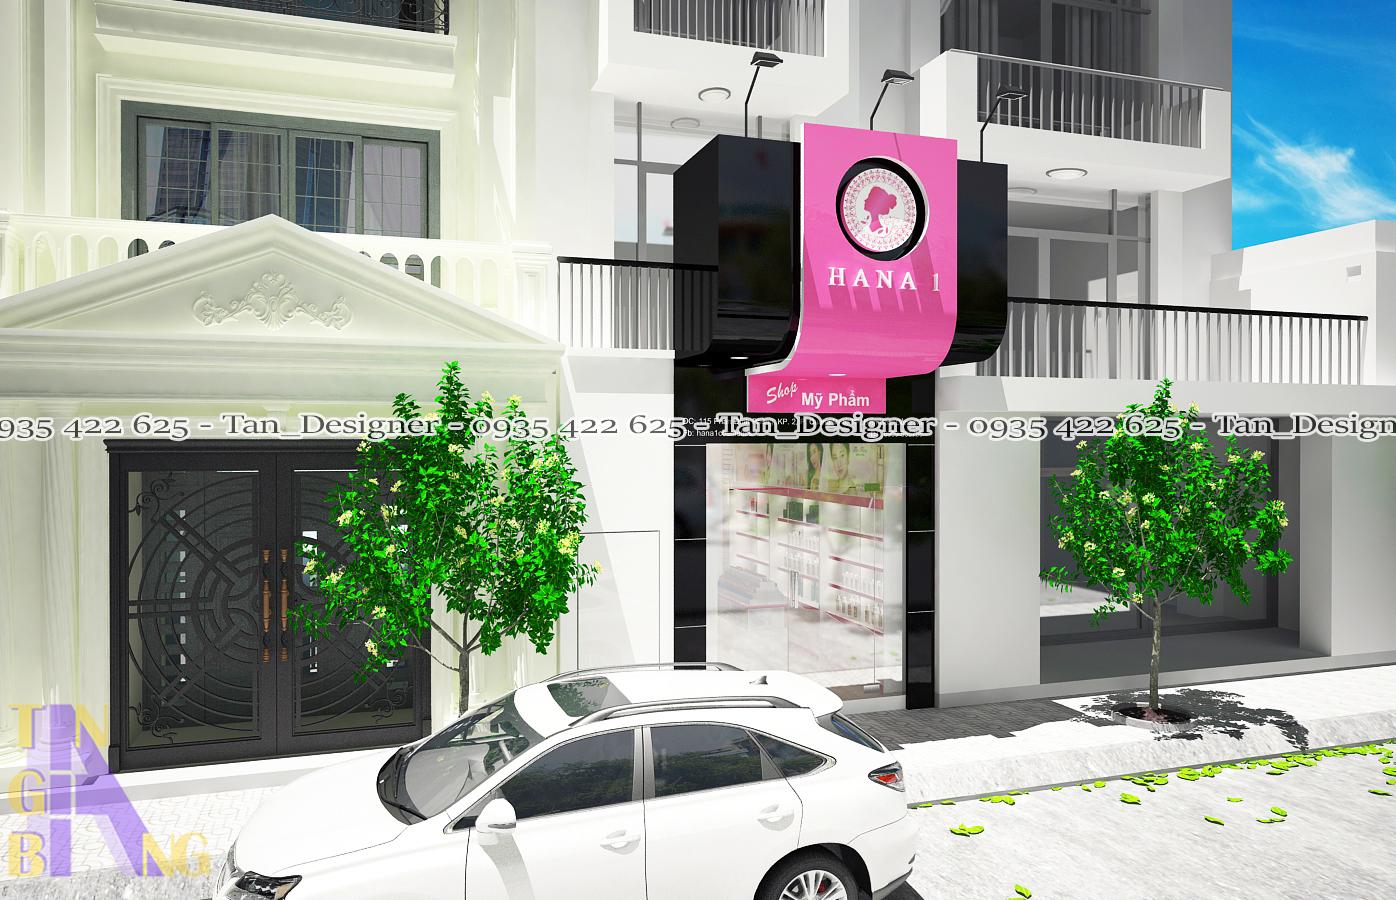 Thiết kế, thi công nội thất shop mỹ phẩm HANA 1